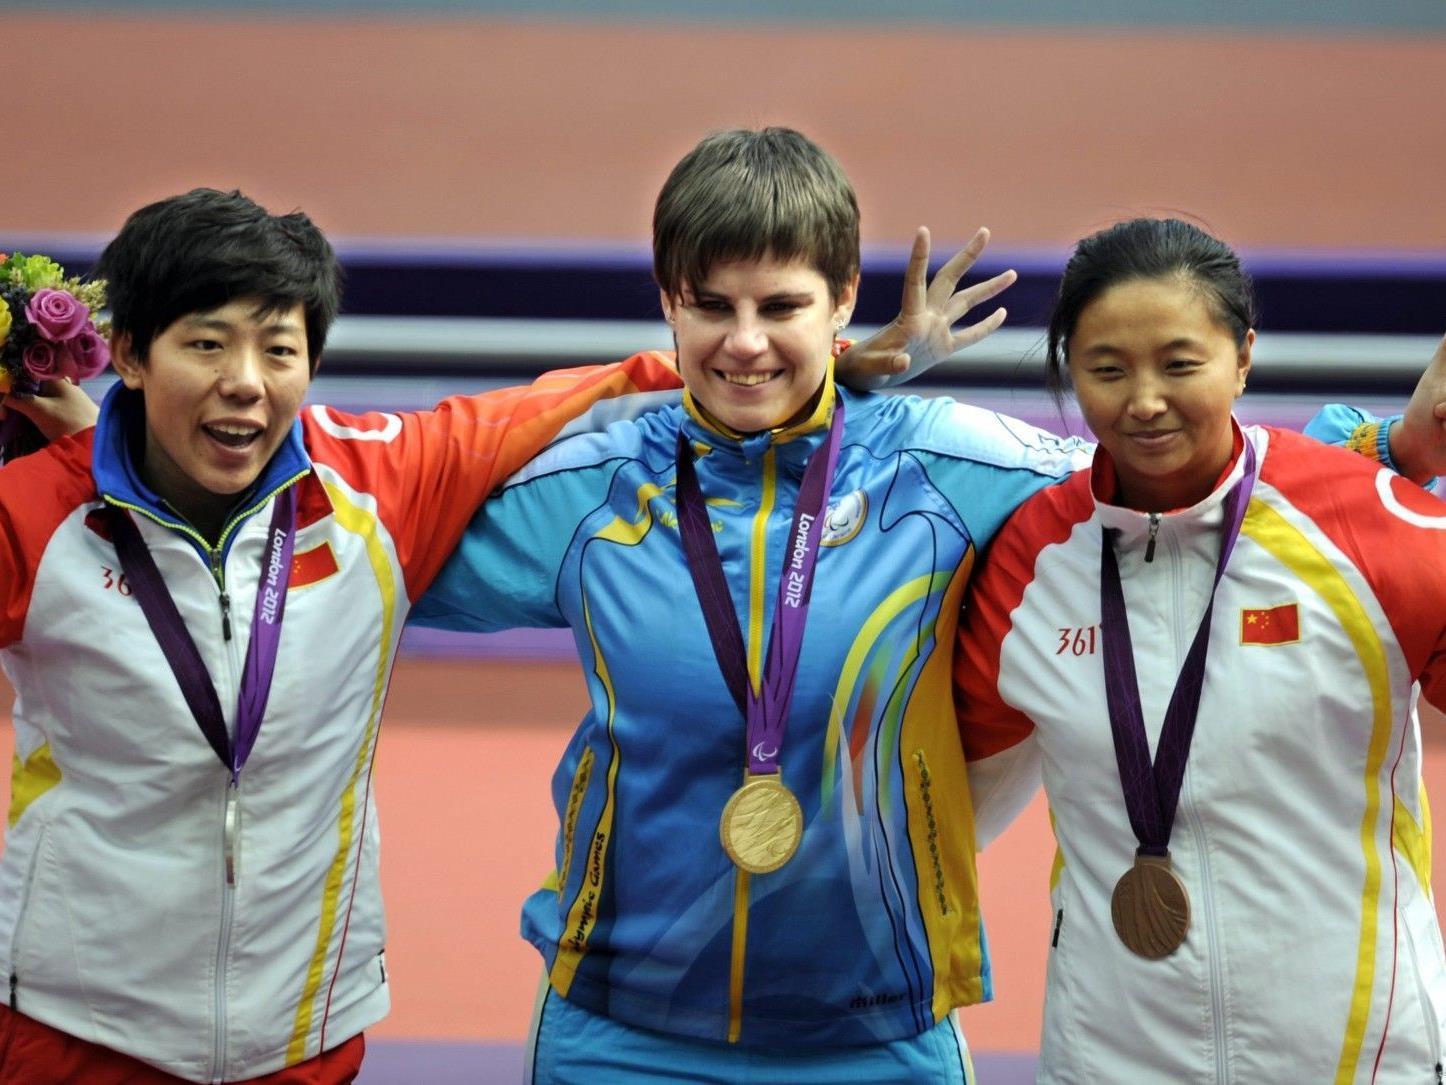 Pomasan (Mitte) doch nur Zweitplatzierte: Einige Stunden nach der Siegerehrung mussten die Veranstalter einen Fehler eingestehen.